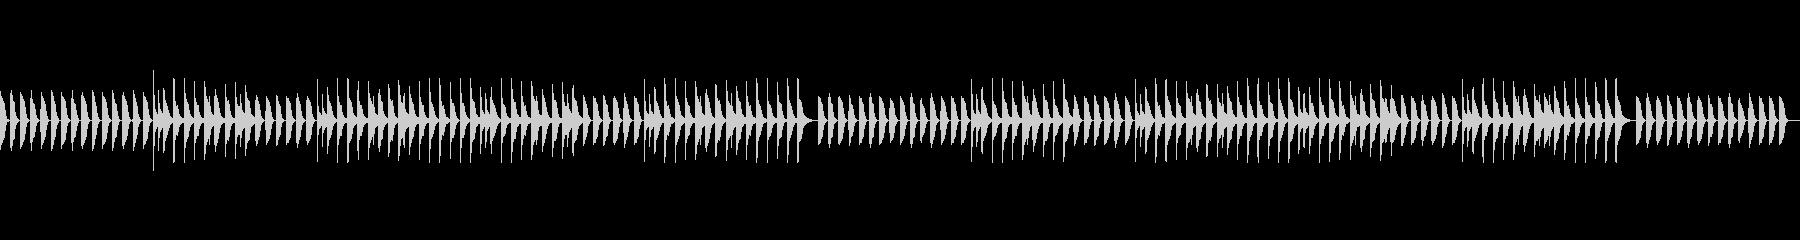 気の抜けたピアノのジングル2(ループ)の未再生の波形